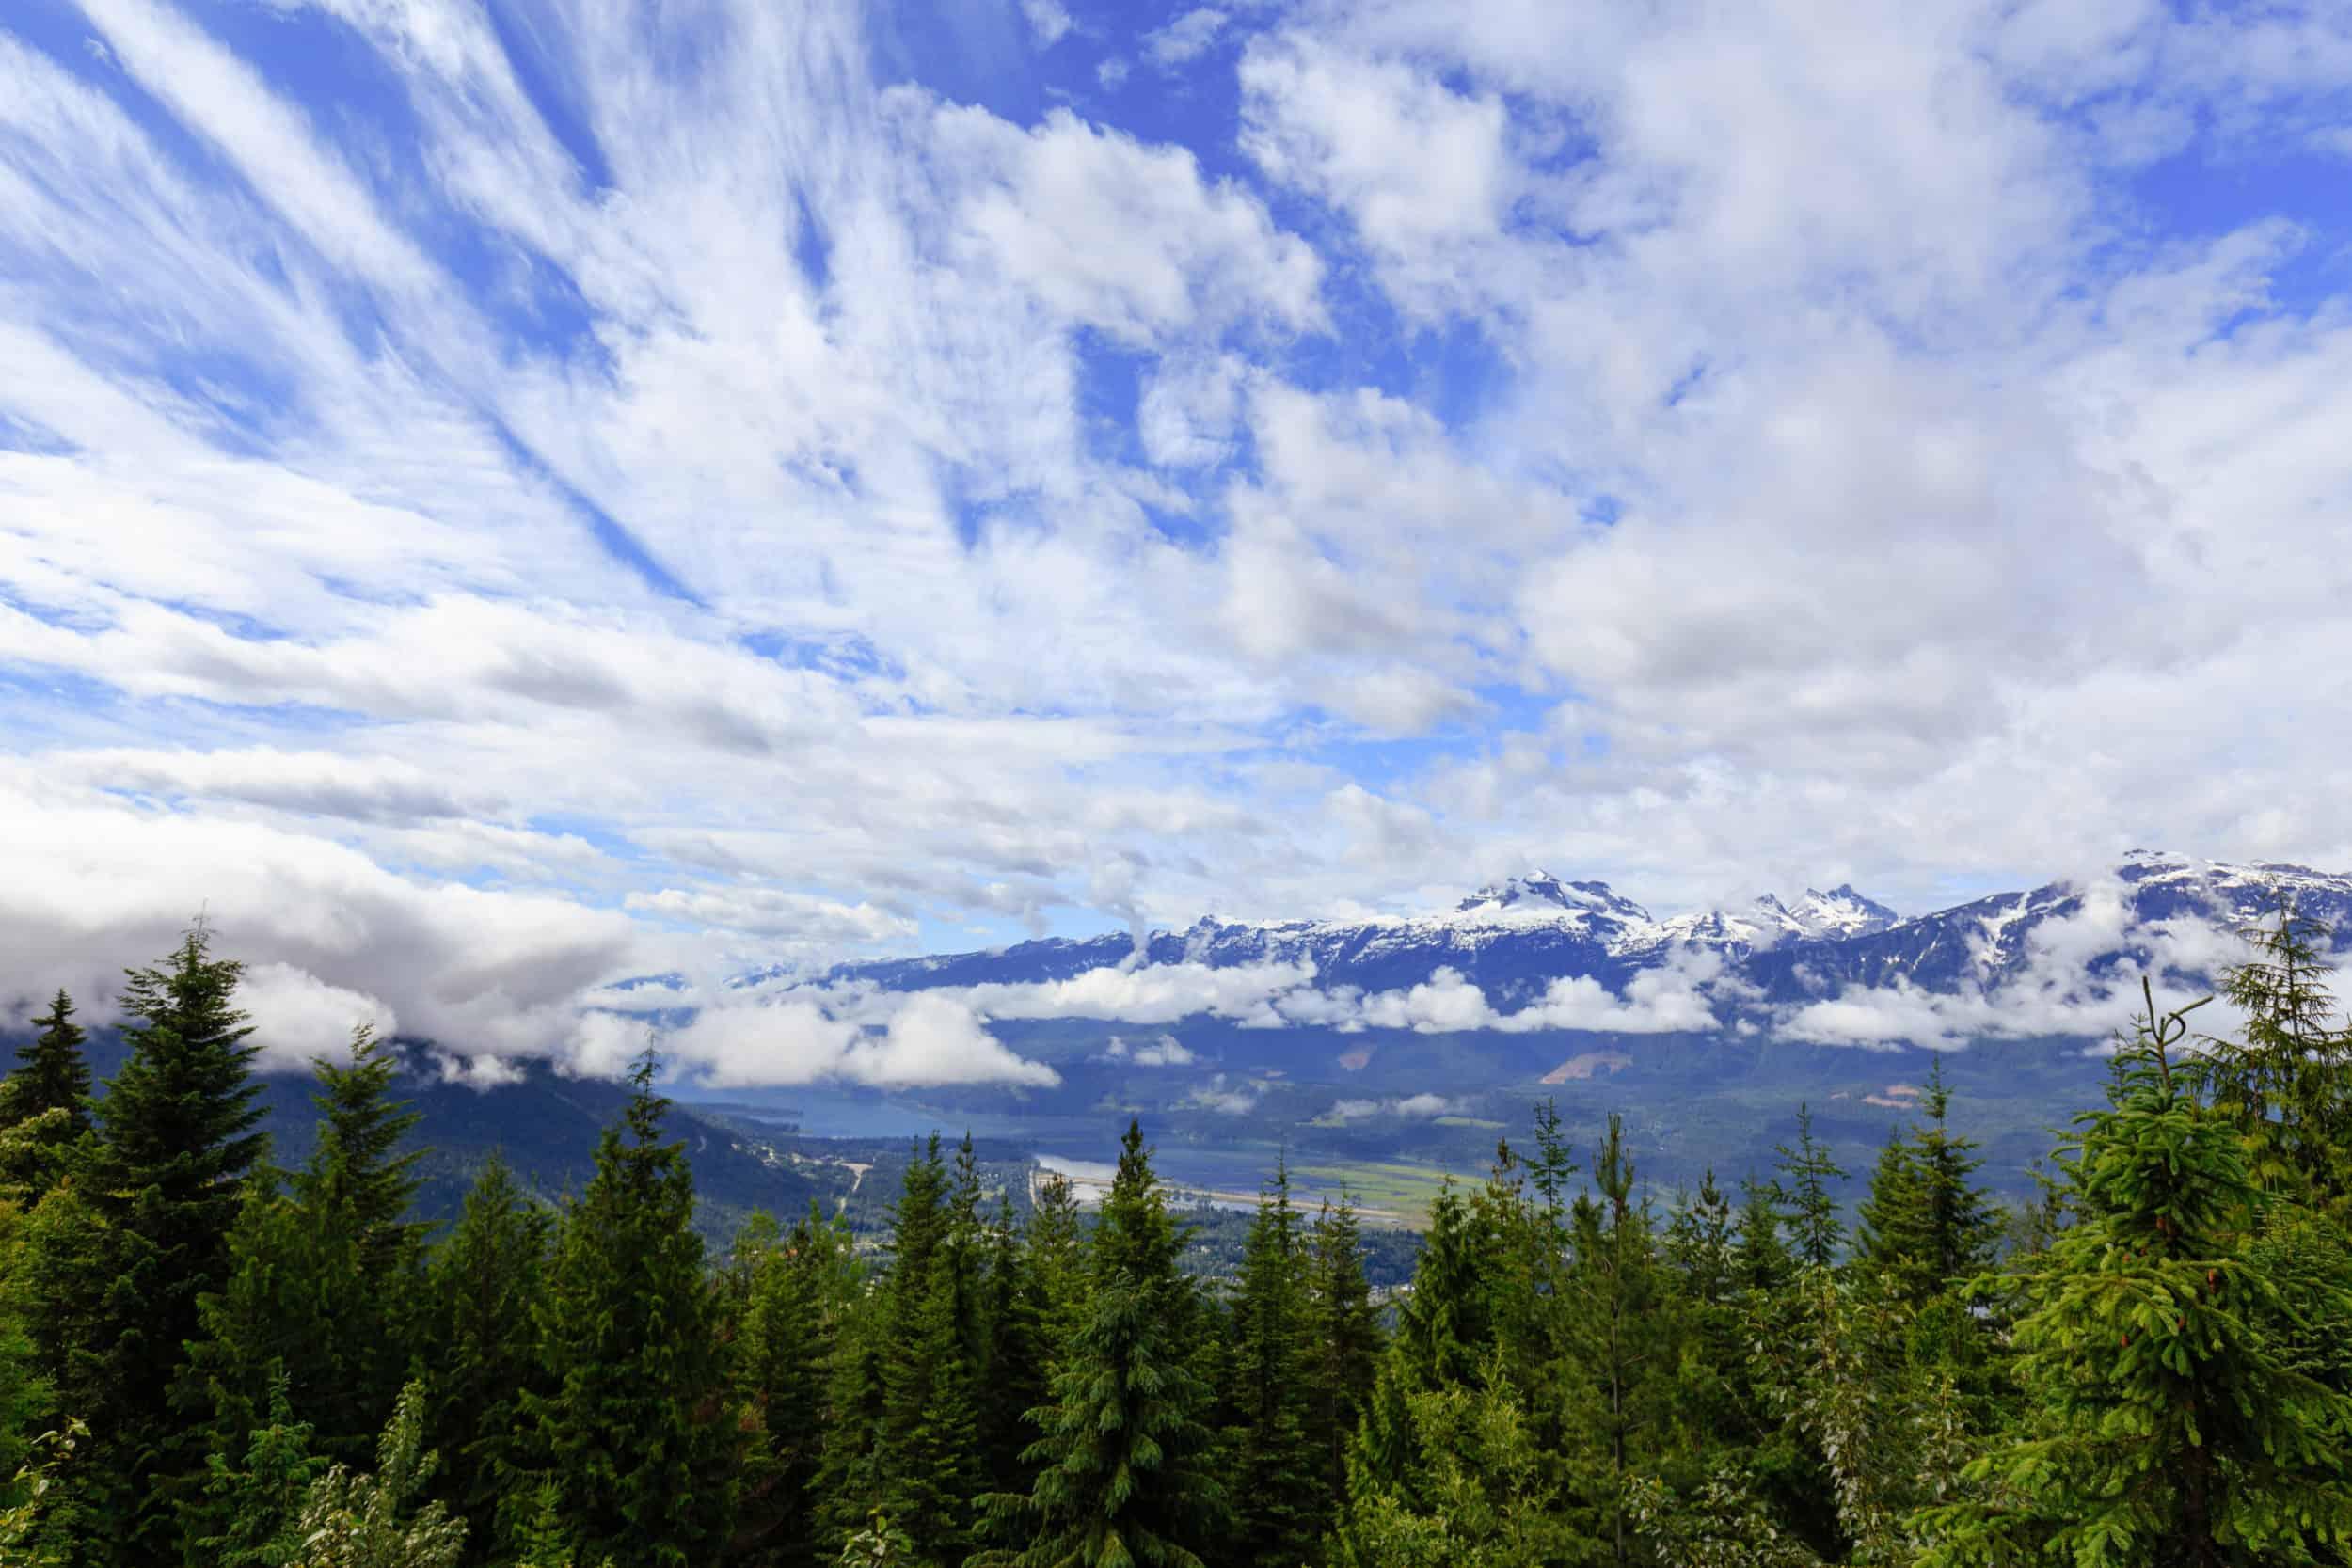 Blauer Himmel über grünen Wäldern eines Nationalparks in Kanada